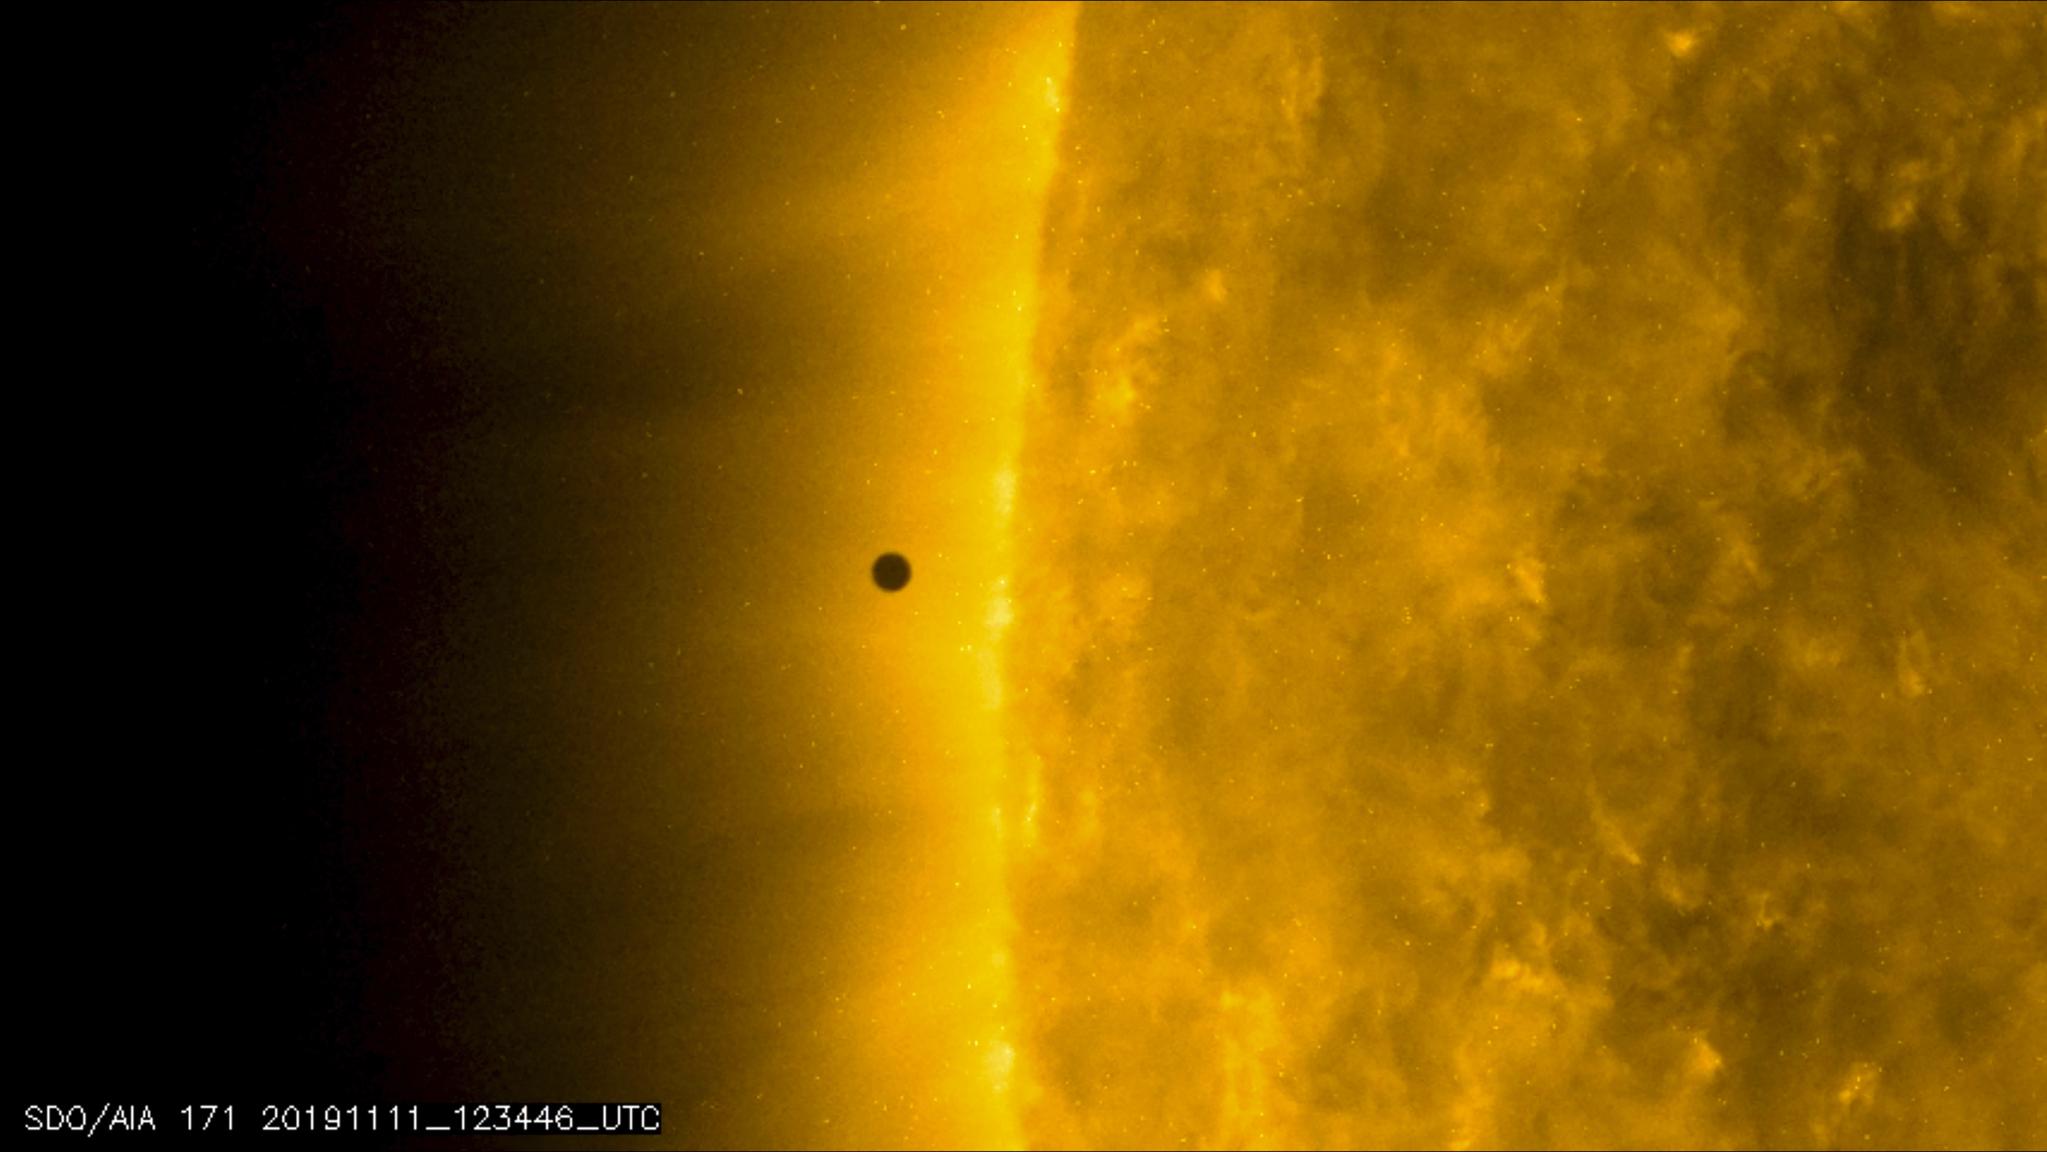 태양 활동을 관측하기 위해 발사돼 9년째 지구궤도를 돌고 있는 NASA의 태양 활동 관측 위성 (Solar Dynamics Observatory)에 찍힌 수성이 태양에 다가가는 장면. 검은점이 수성이다. [사진 NASA Solar Dynamics Observatory]